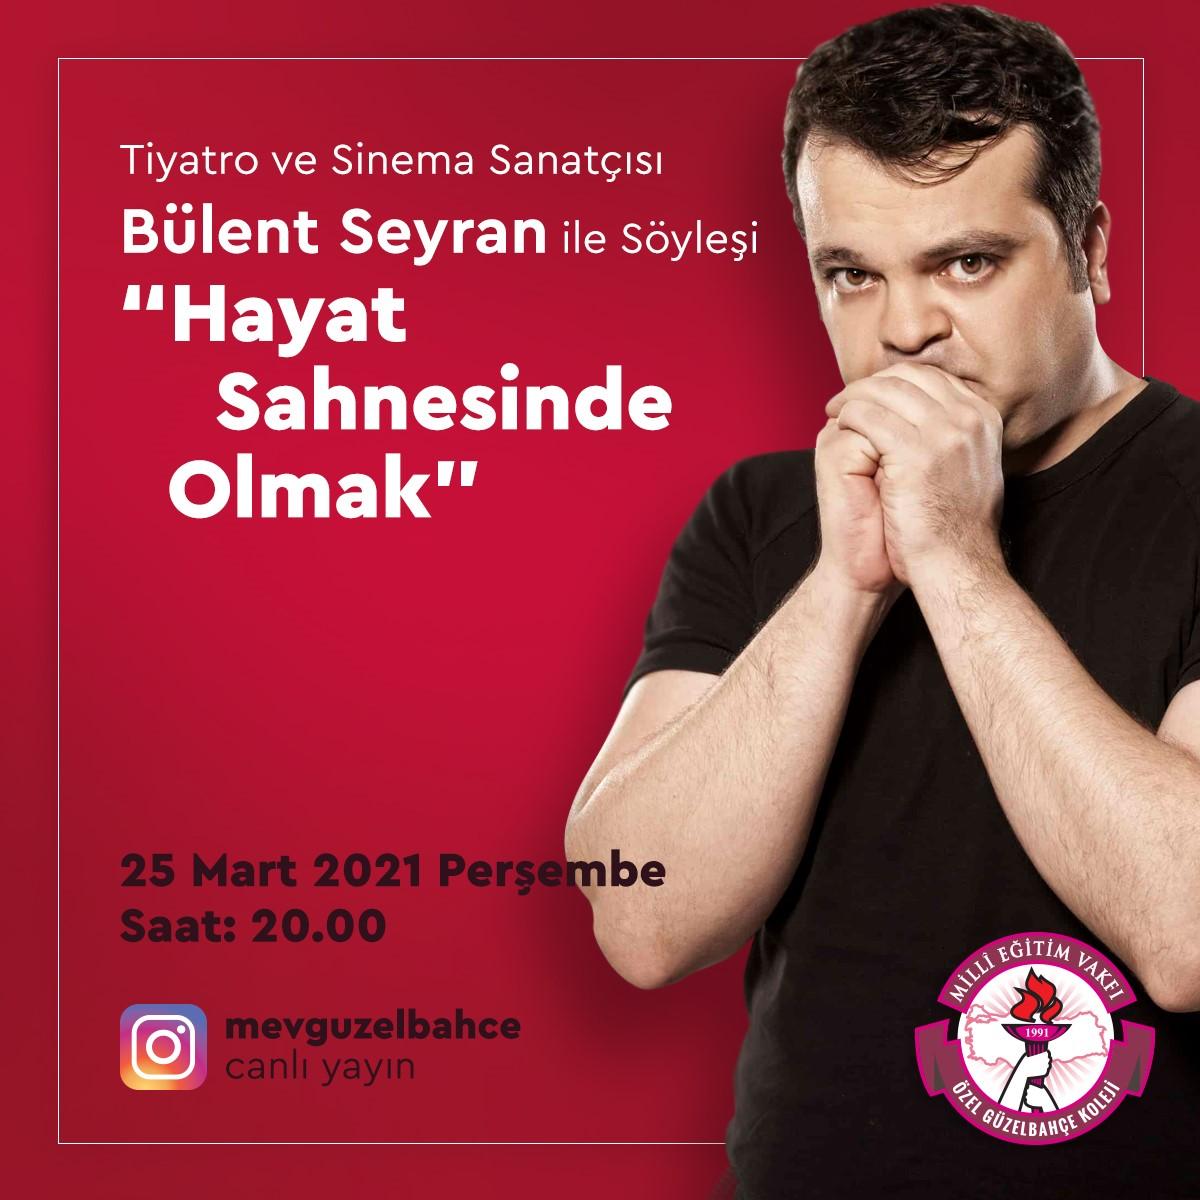 Tiyatro ve Sinema Sanatçısı Bülent Seyran ile Söyleşi